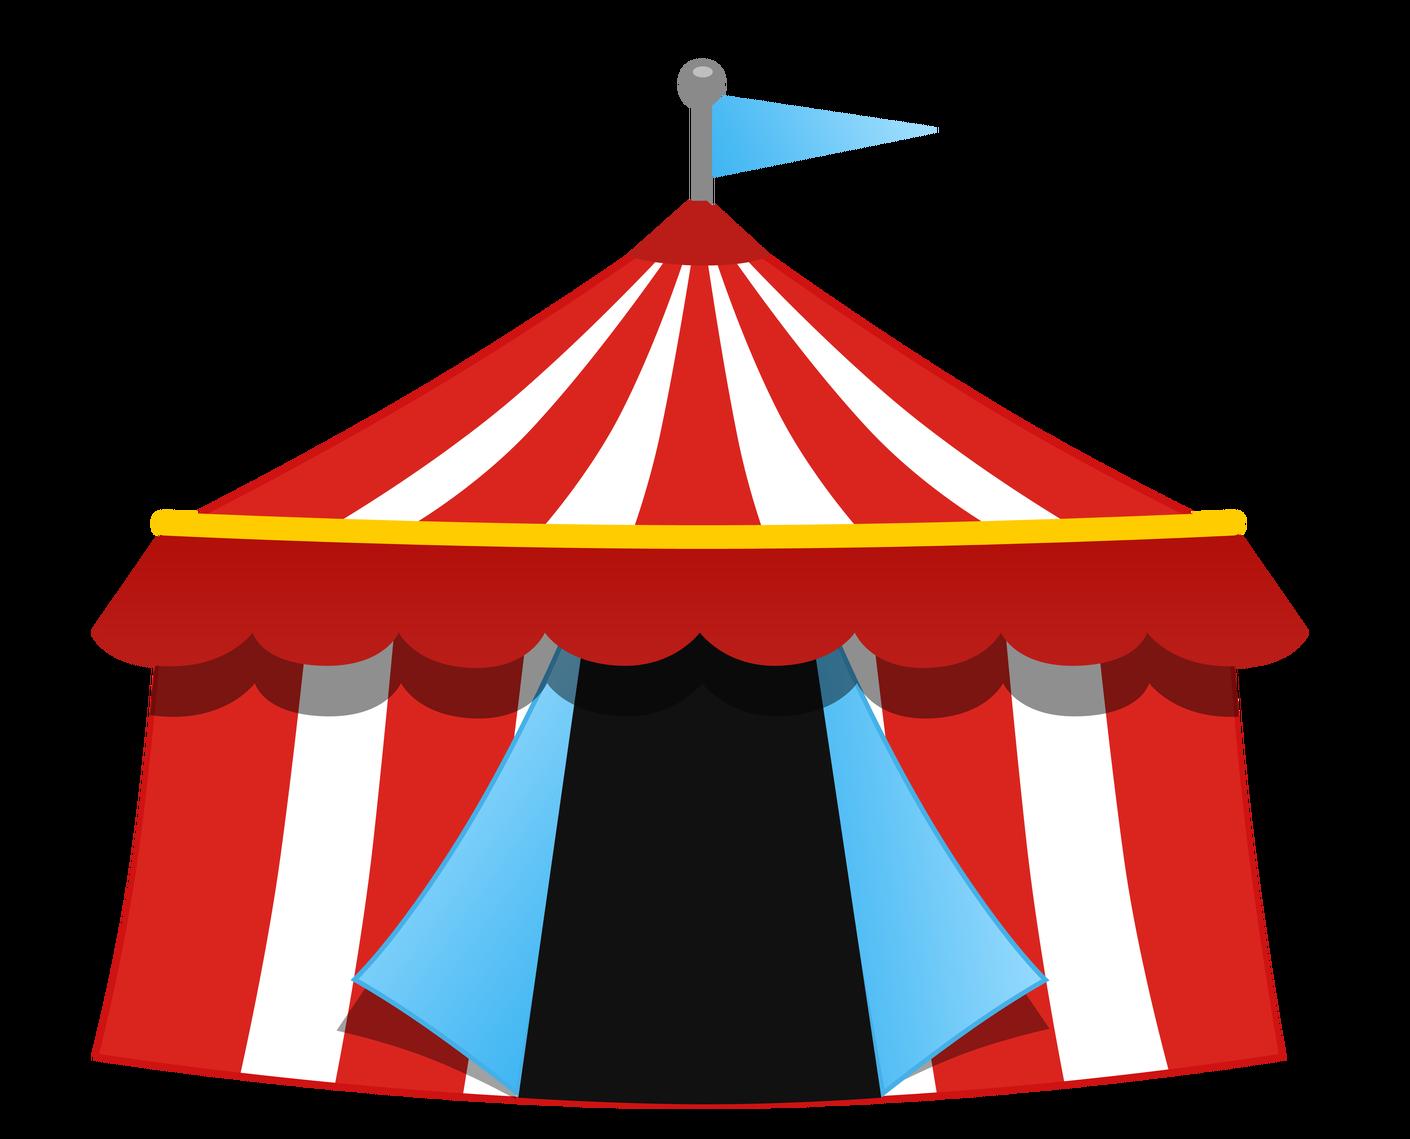 Circo Lona Tenda Tenda De Circo Recados De Natal Circo Png